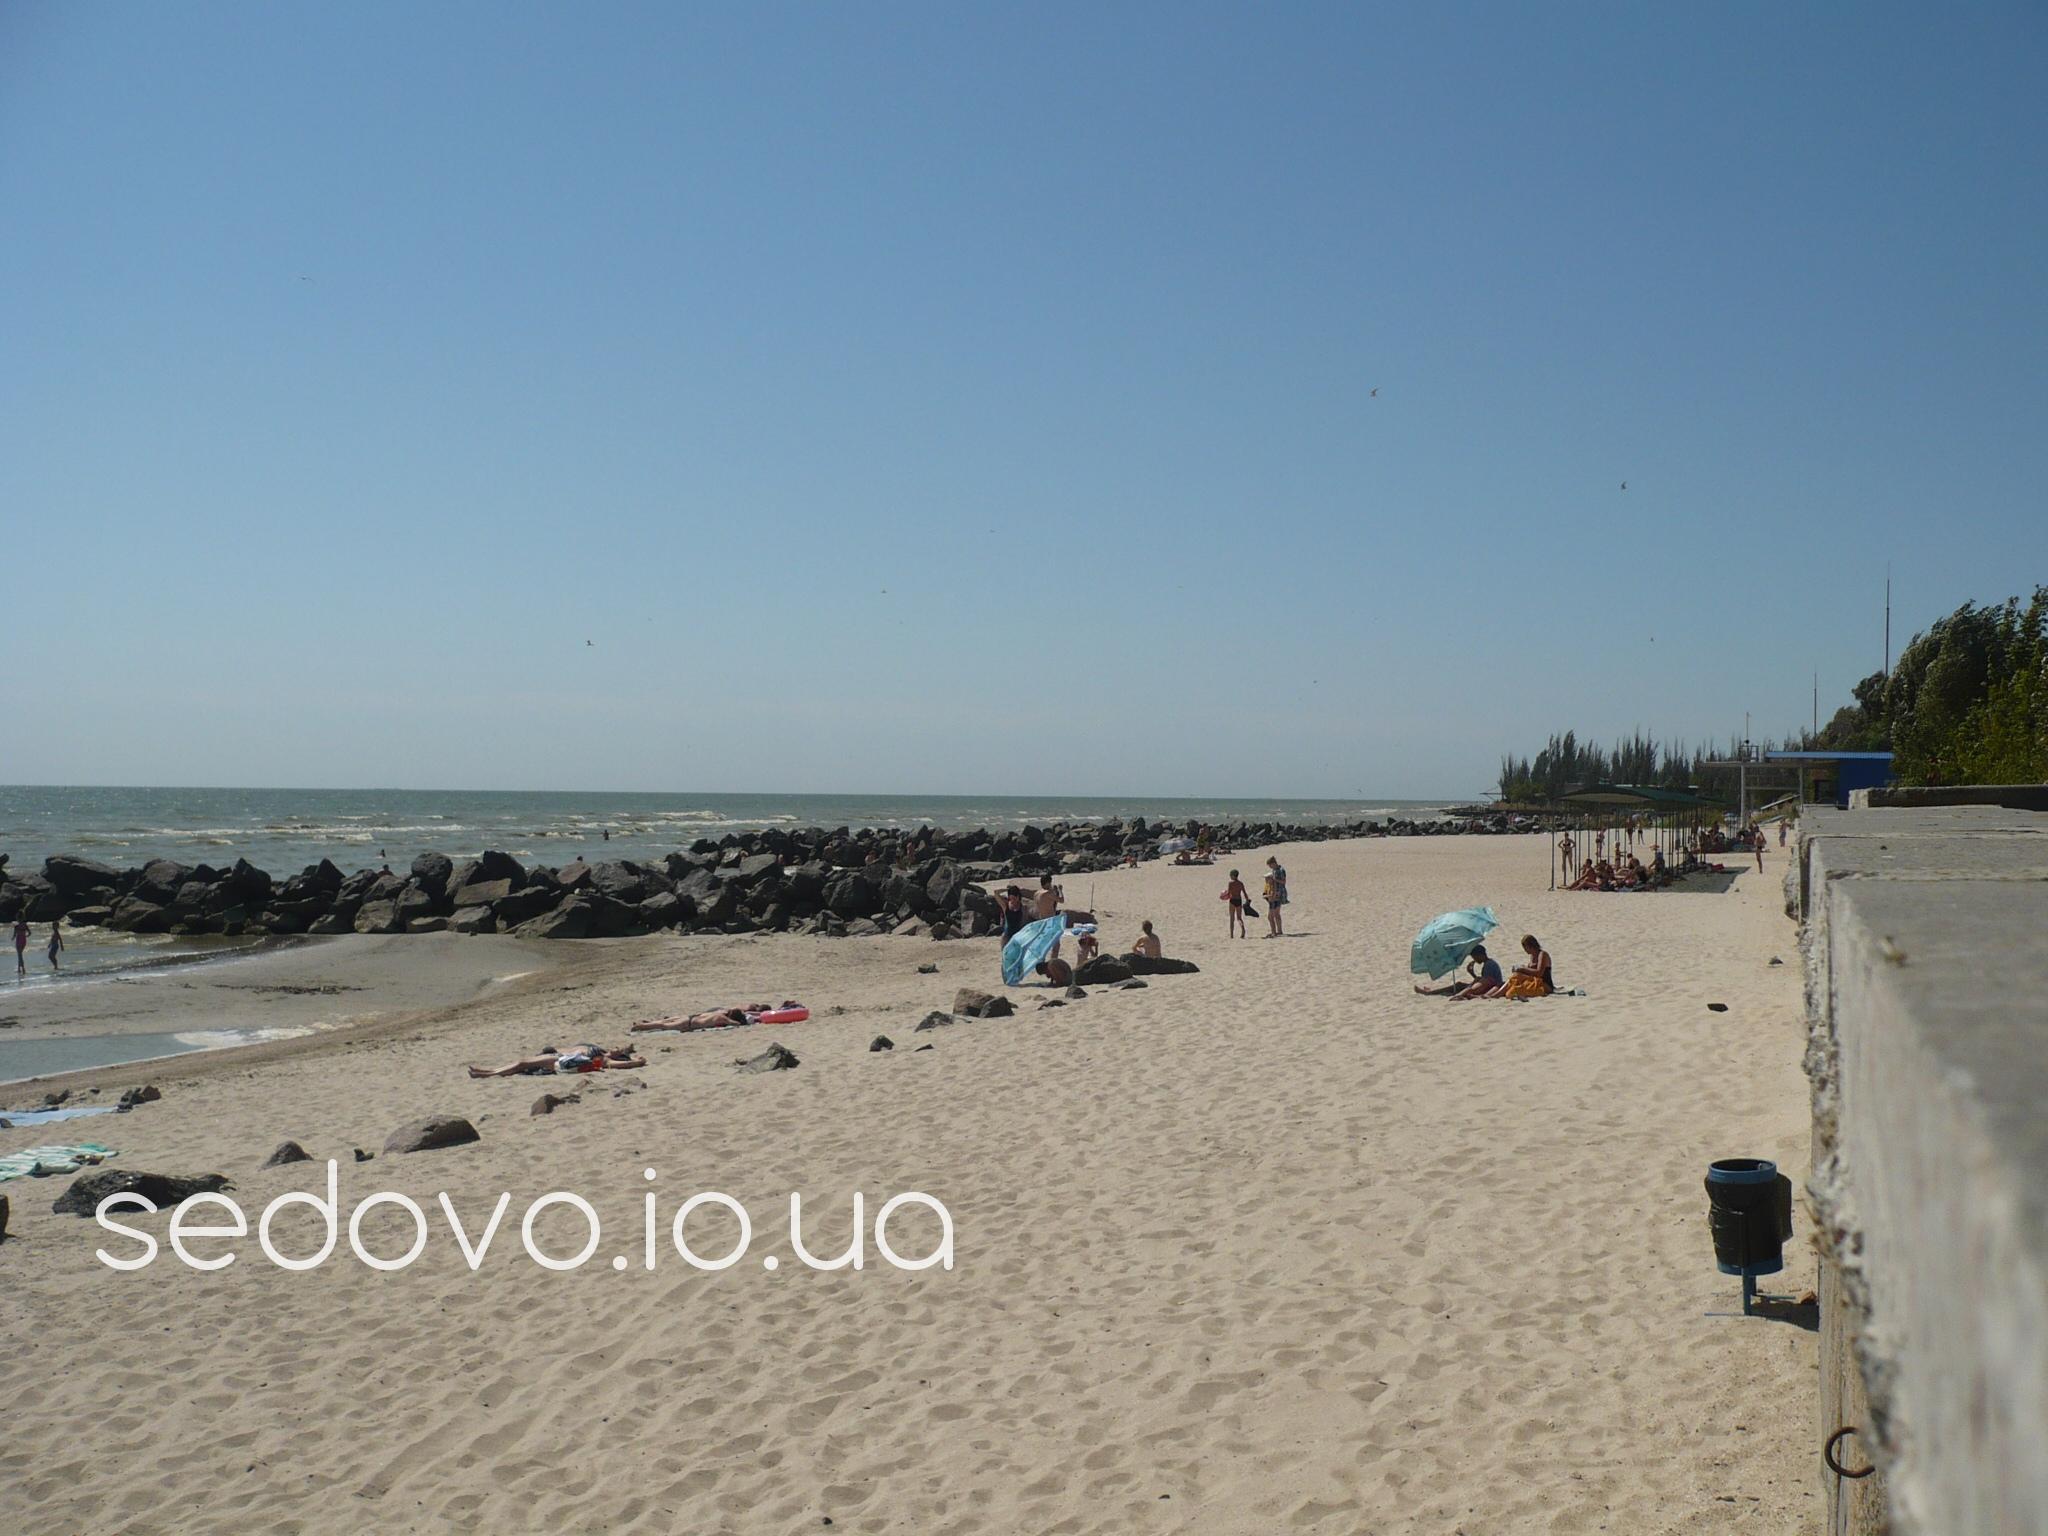 Седово пляж Металлург фотографии